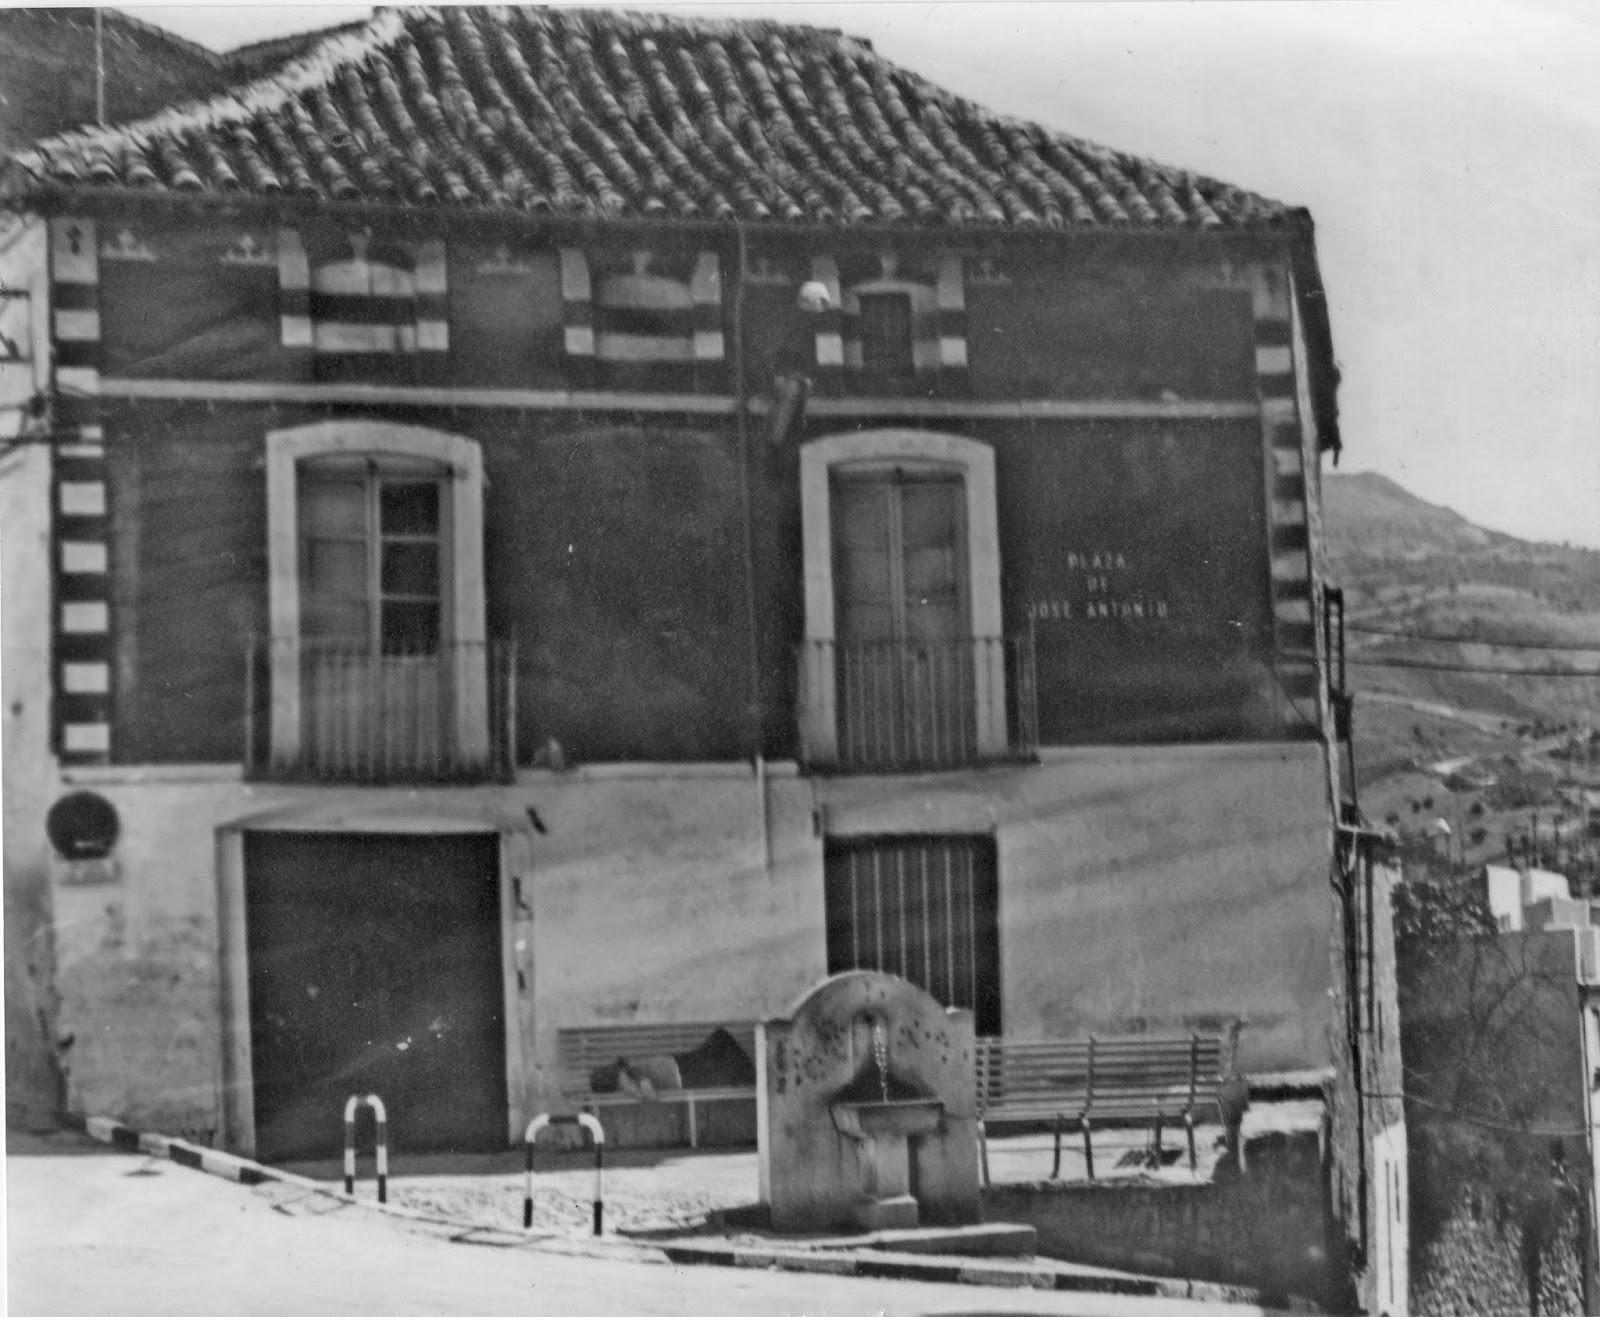 Los villares en la memoria de la creaci n de dos plazas - Tiempo los villares jaen ...